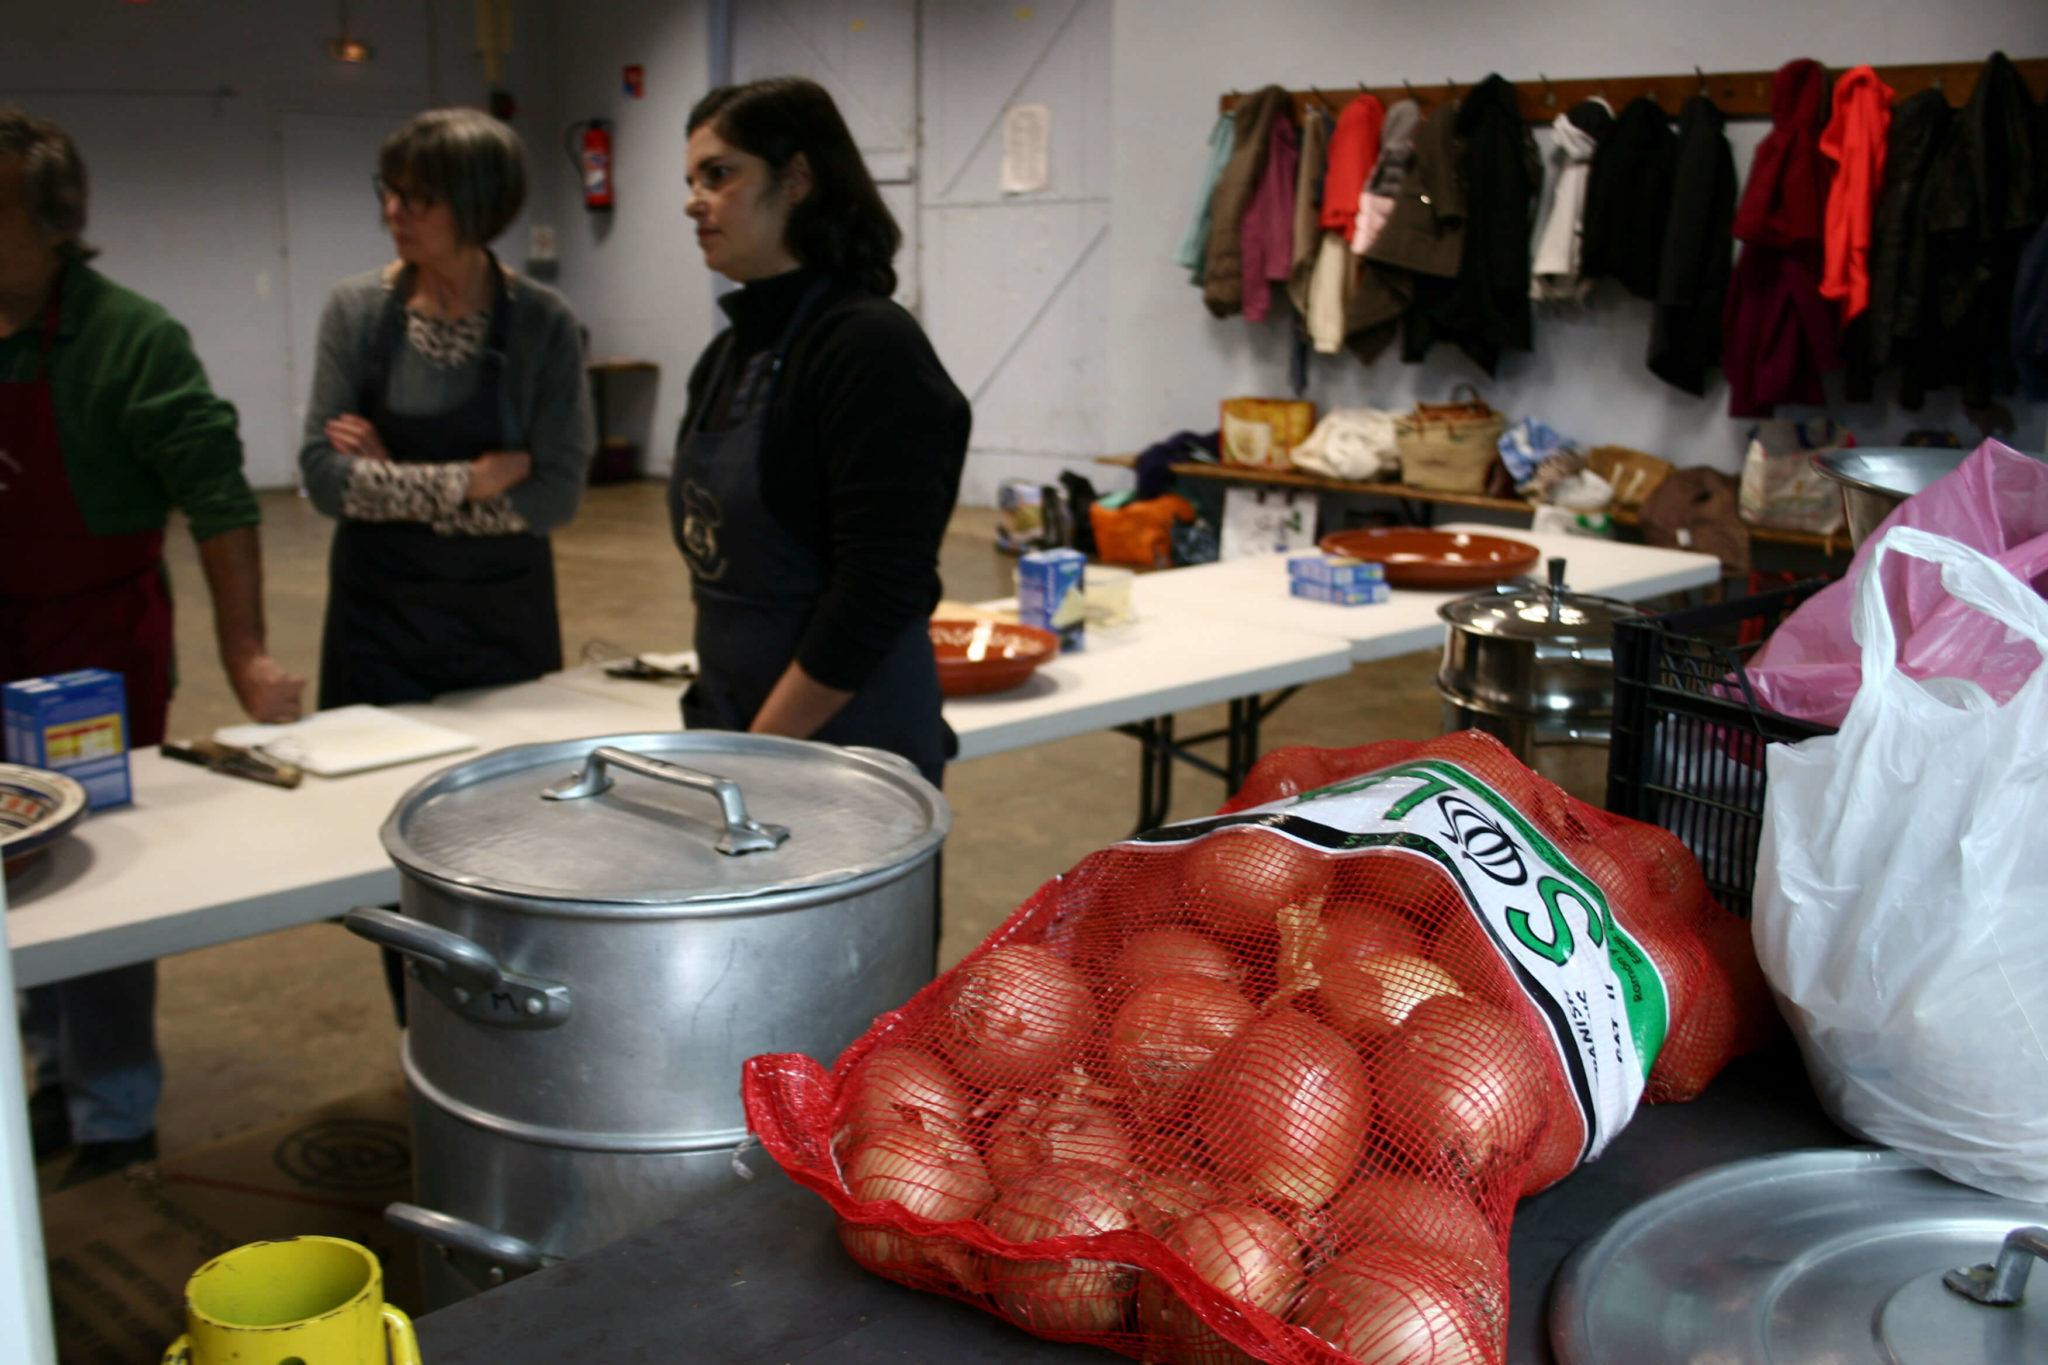 Repas Du 19 Novembre : Saveurs Marocaines - La Bourdenne avec Saveurs D Enfants